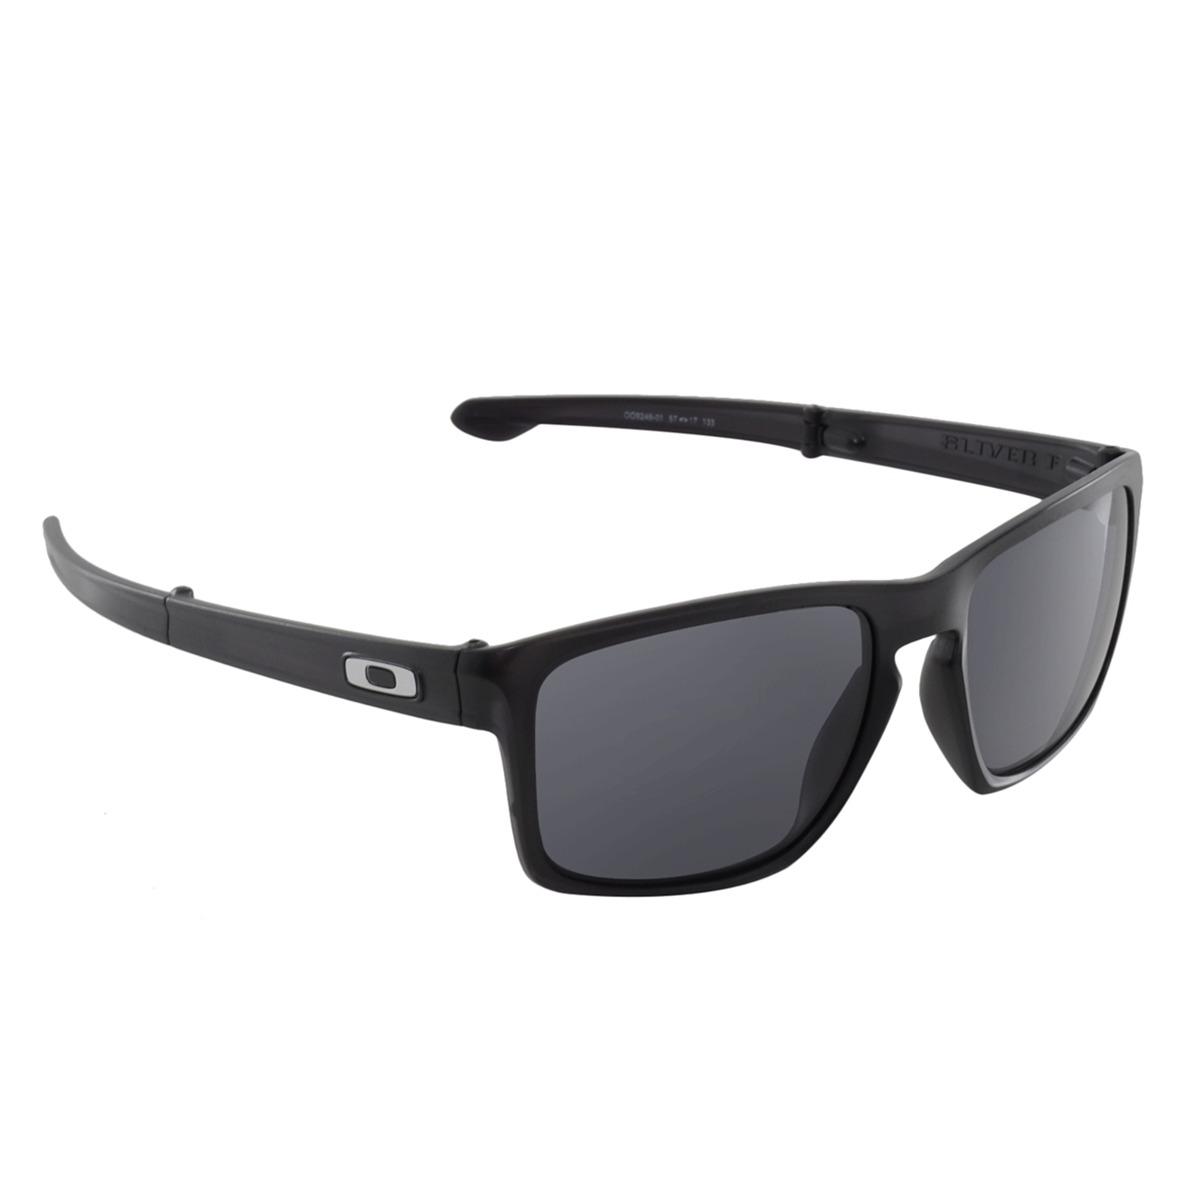 26cbd5e5f Óculos Oakley Sliver F Matte Black - R$ 448,00 em Mercado Livre